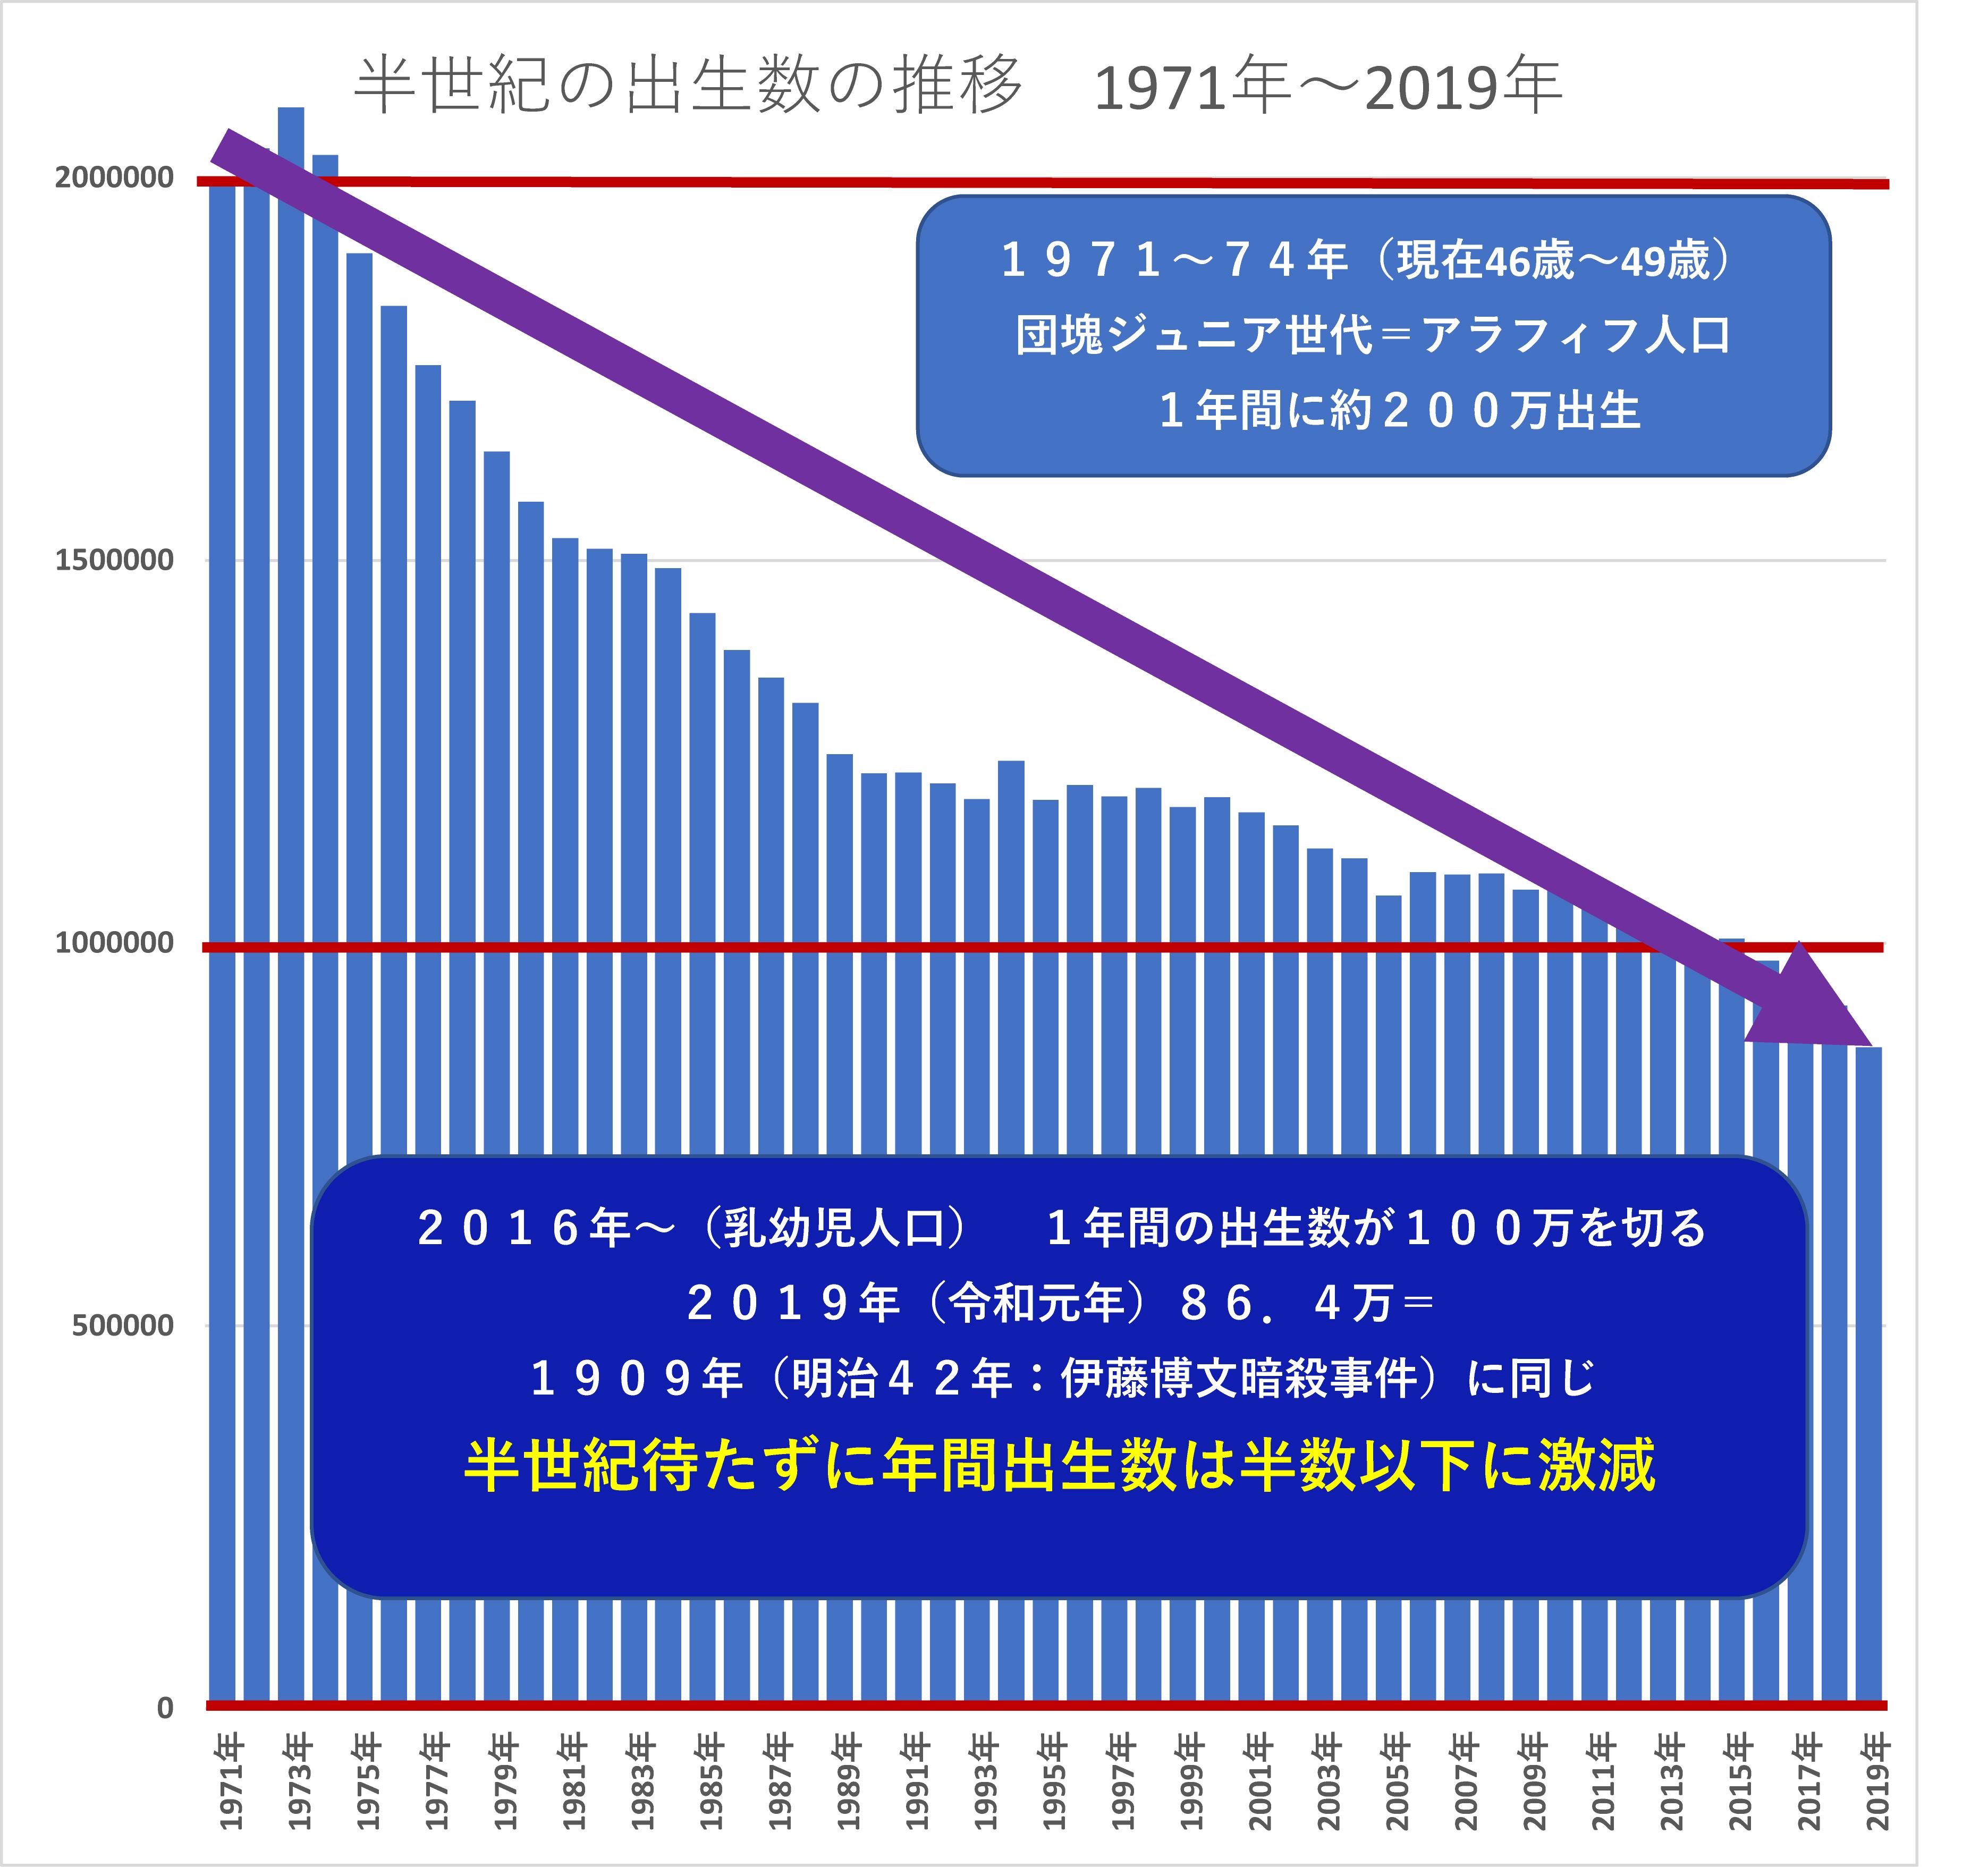 図表1 日本におけるこの半世紀の年間出生数の推移(人)